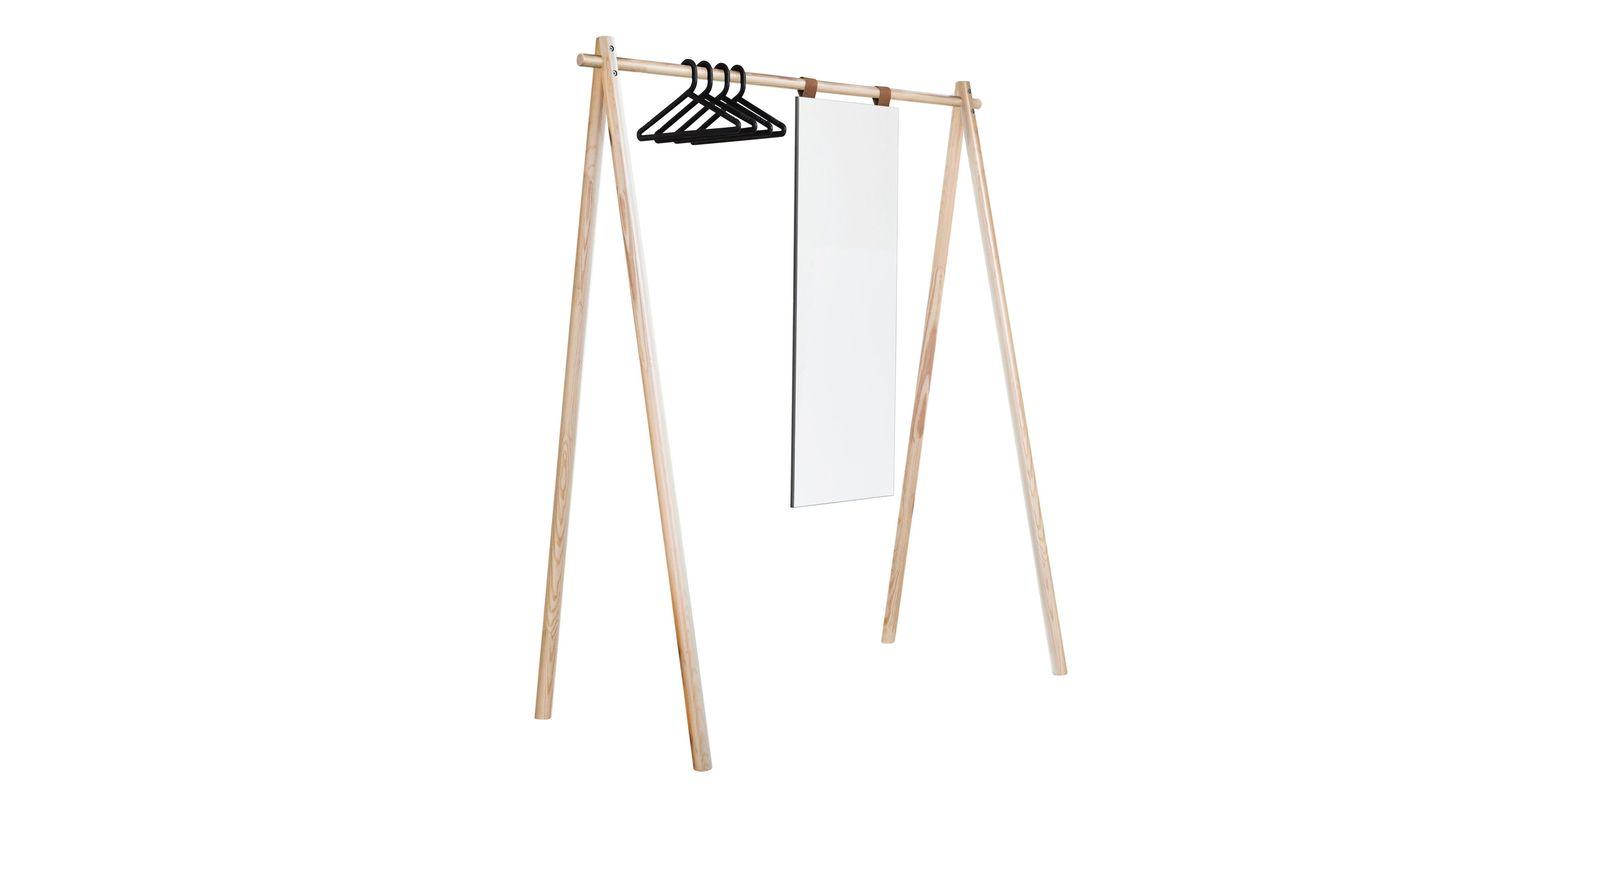 Naturfarbene Garderobe Toffia mit schwarzen Bügeln und Spiegel